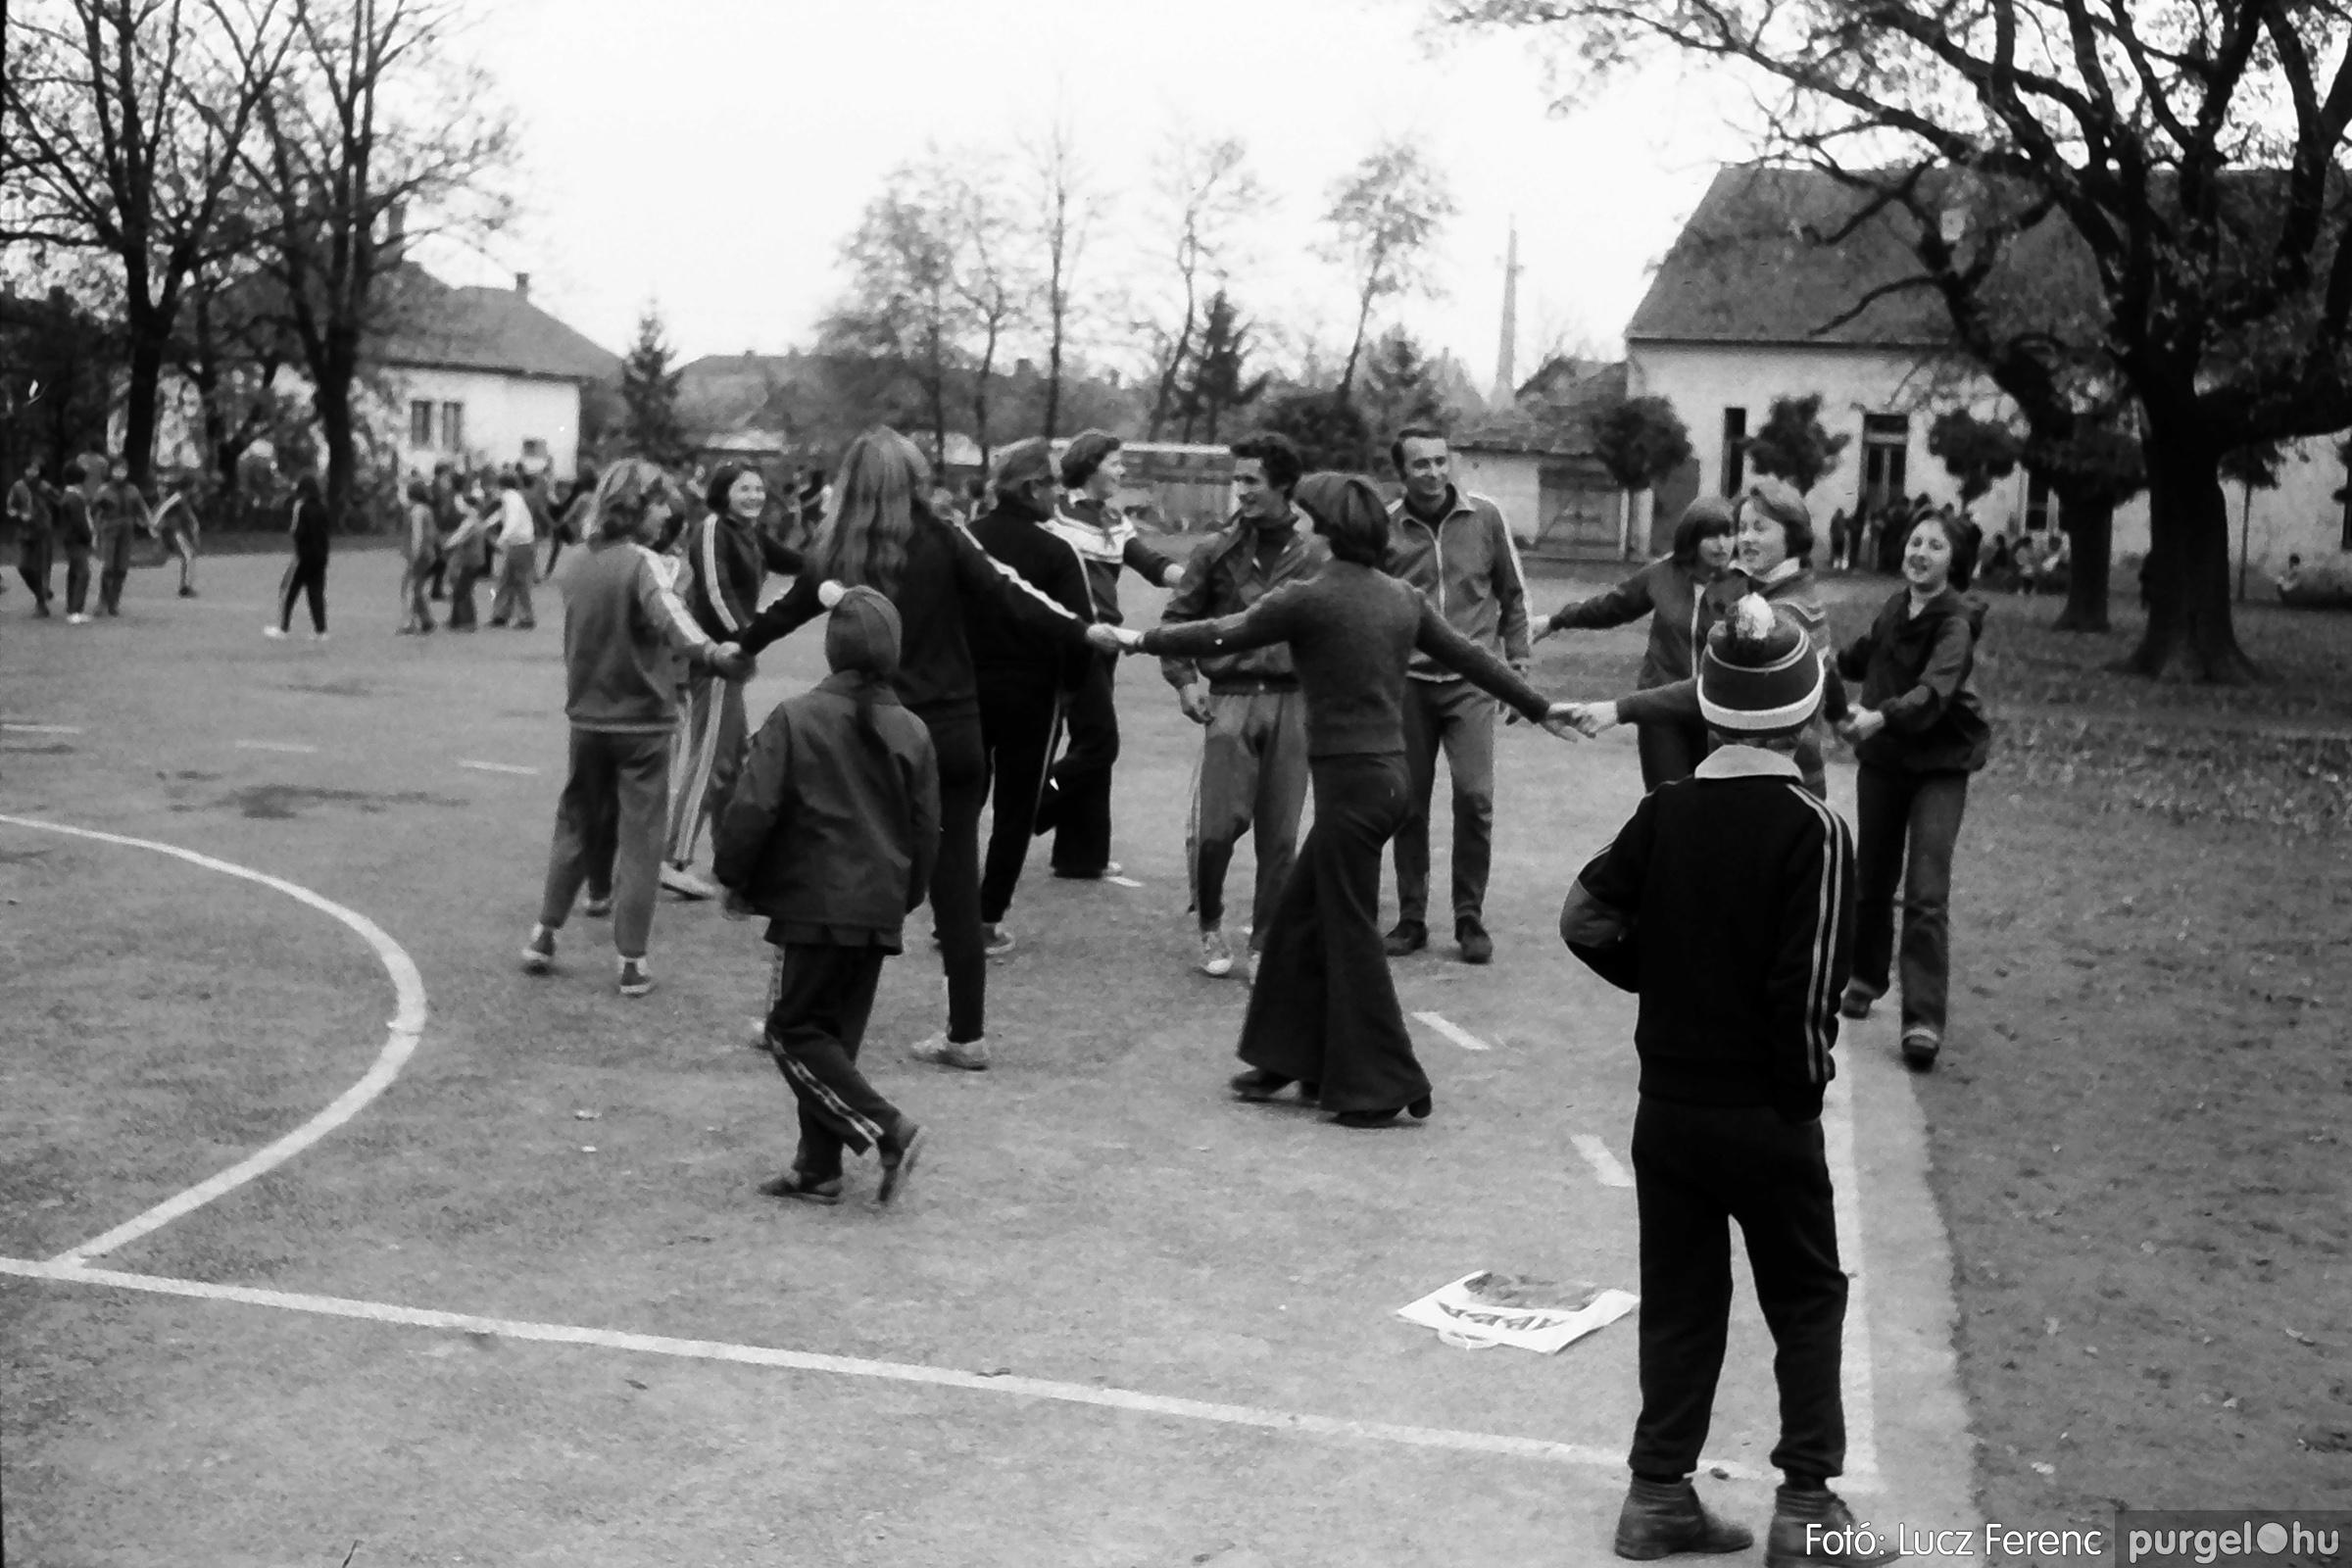 092. 1977. Úttörő rendezvény a Központi Általános Iskolában 016. - Fotó: Lucz Ferenc.jpg